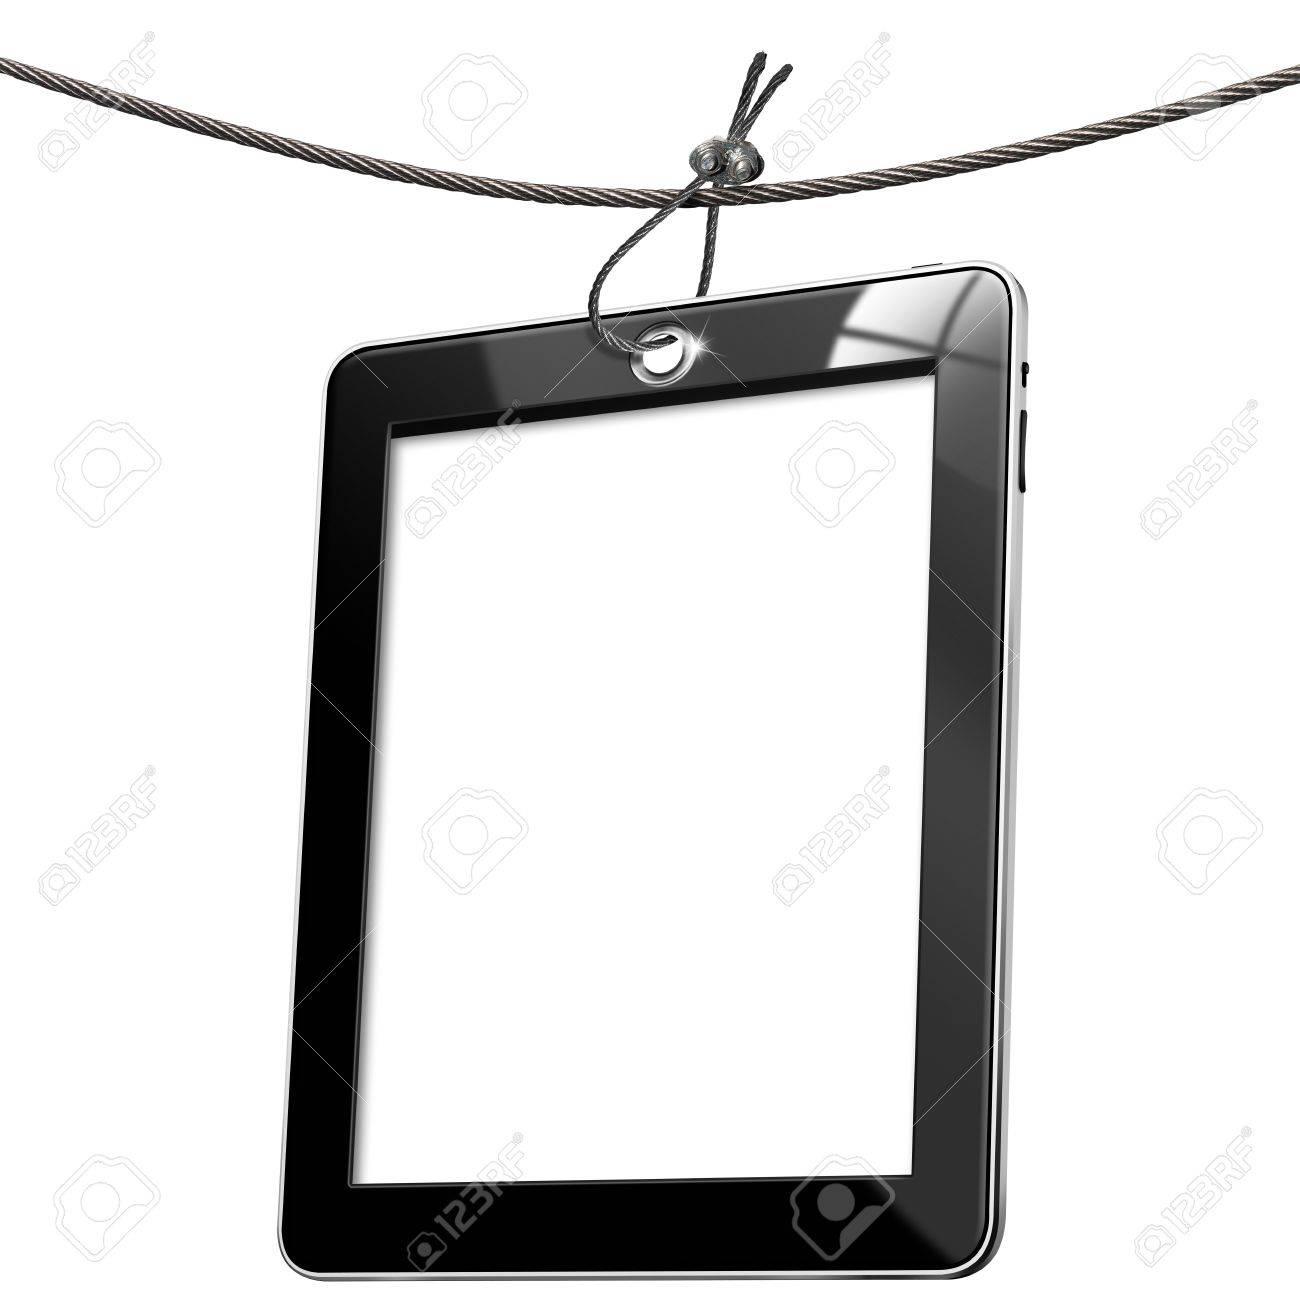 Noir Tag Ordinateur Tablette Suspendue à Un Câble D Acier Sur Fond Blanc